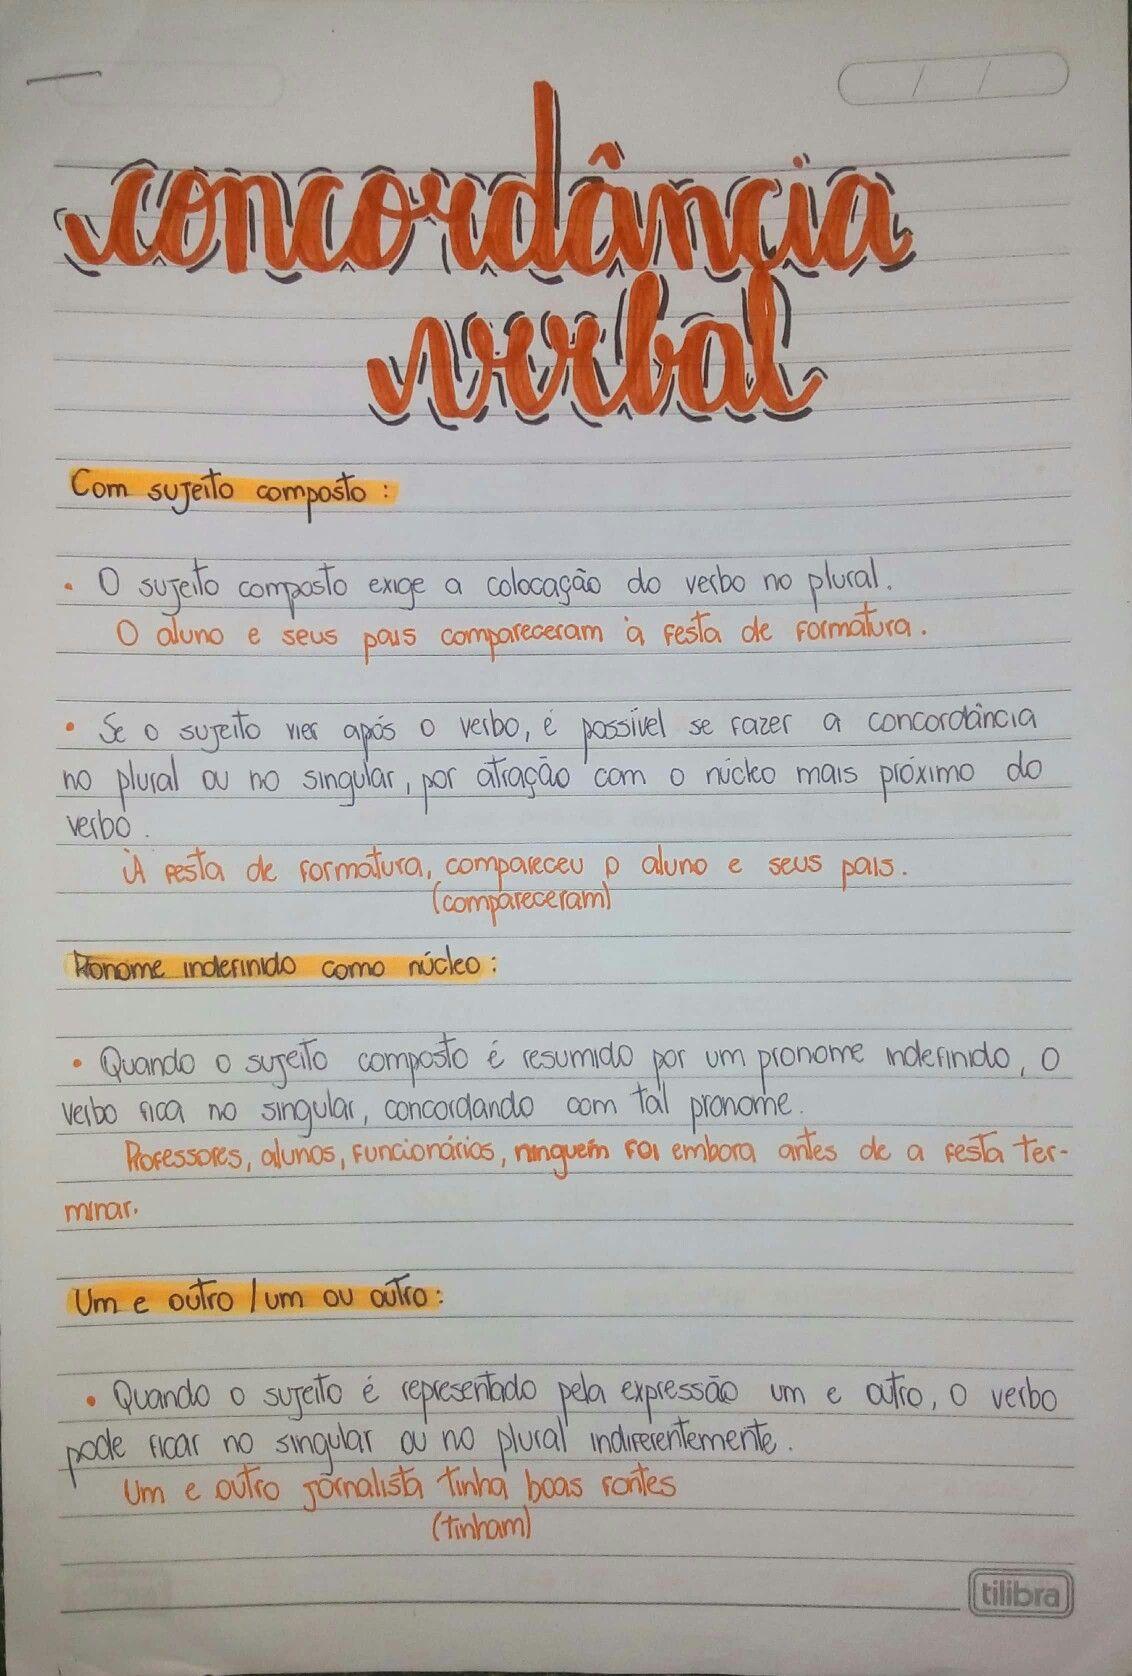 Resumo Sobre Concordancia Verbal 1 4 Concordancia Verbal E